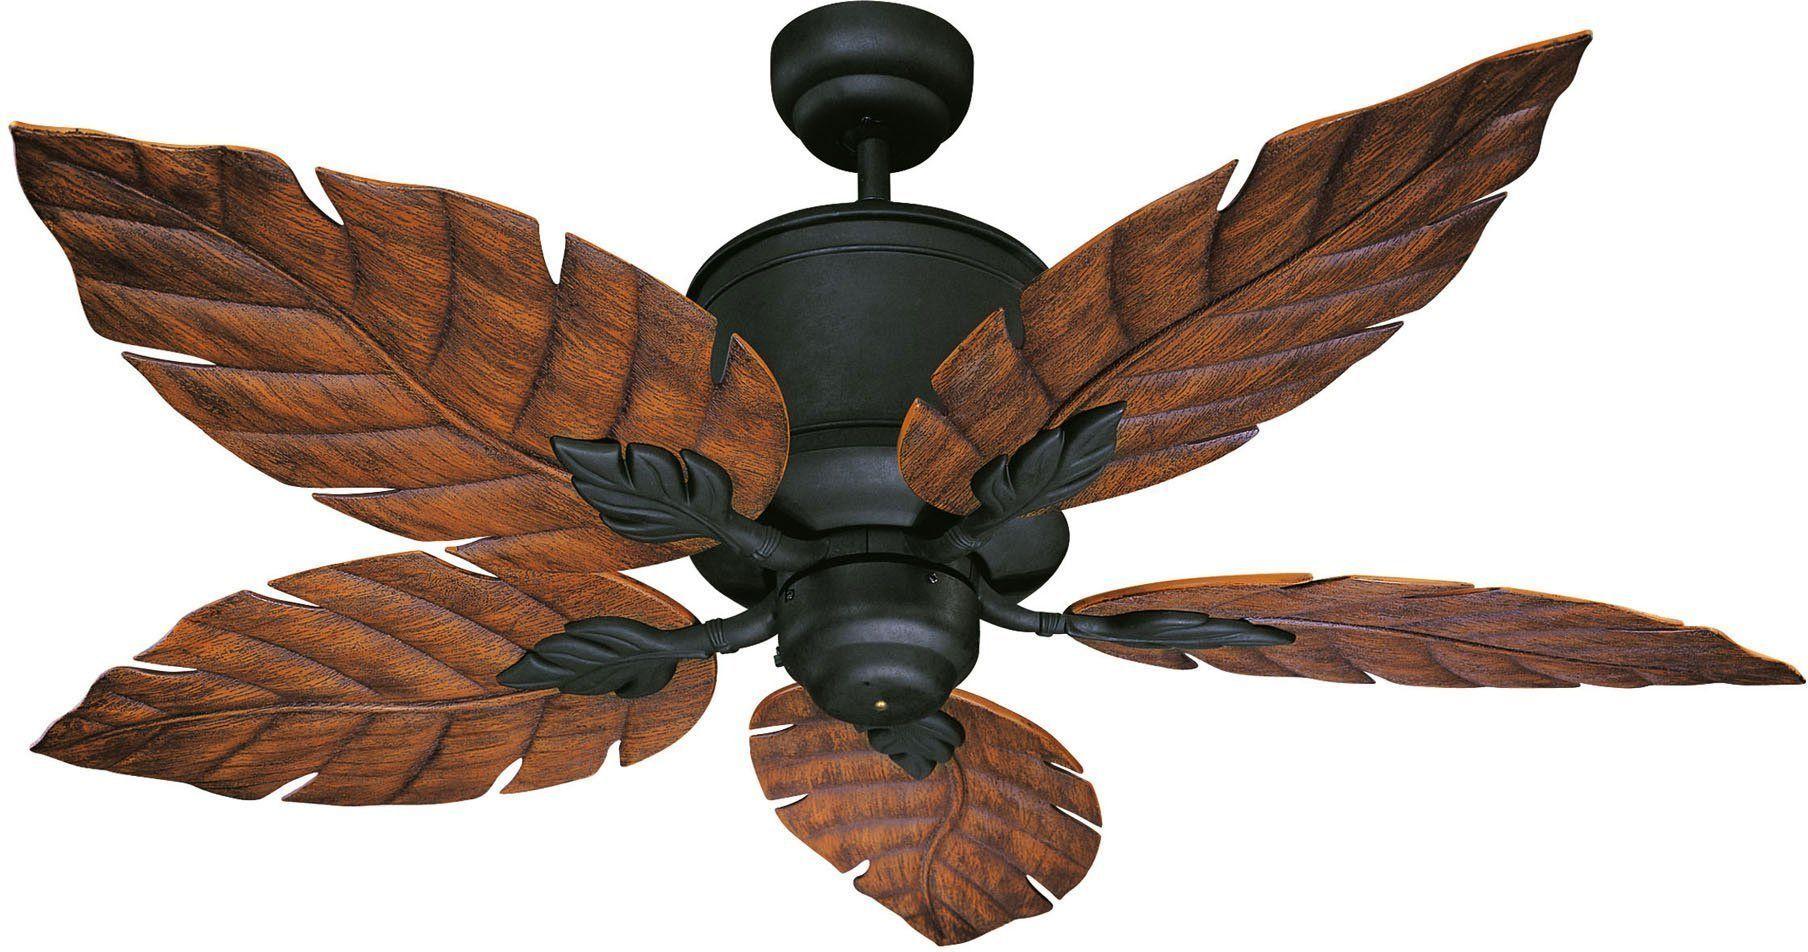 Best Palm Leaf Ceiling Fans Beachfront Decor Outdoor Ceiling Fans Ceiling Fan Tropical Ceiling Fans